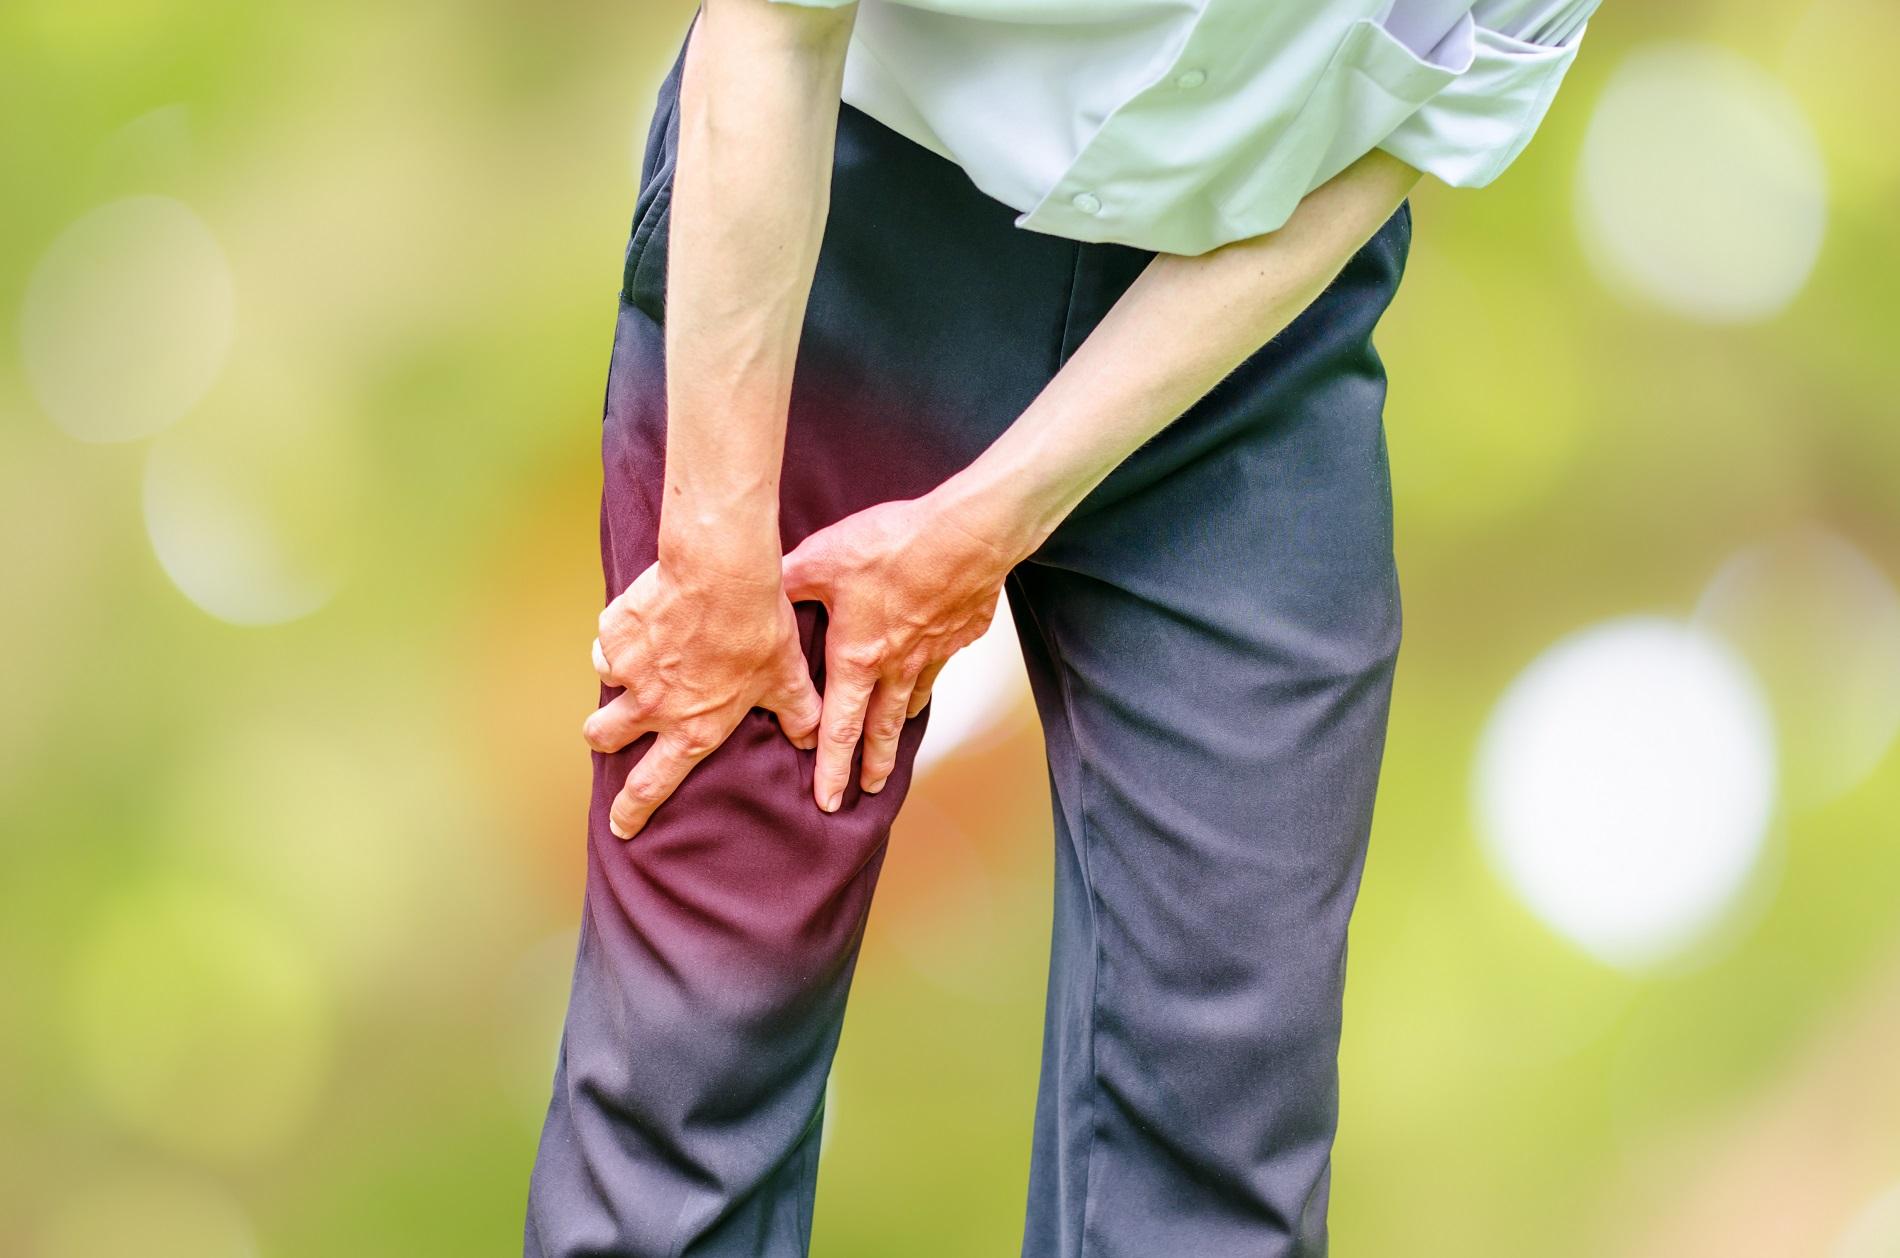 térdfájdalom sport közben